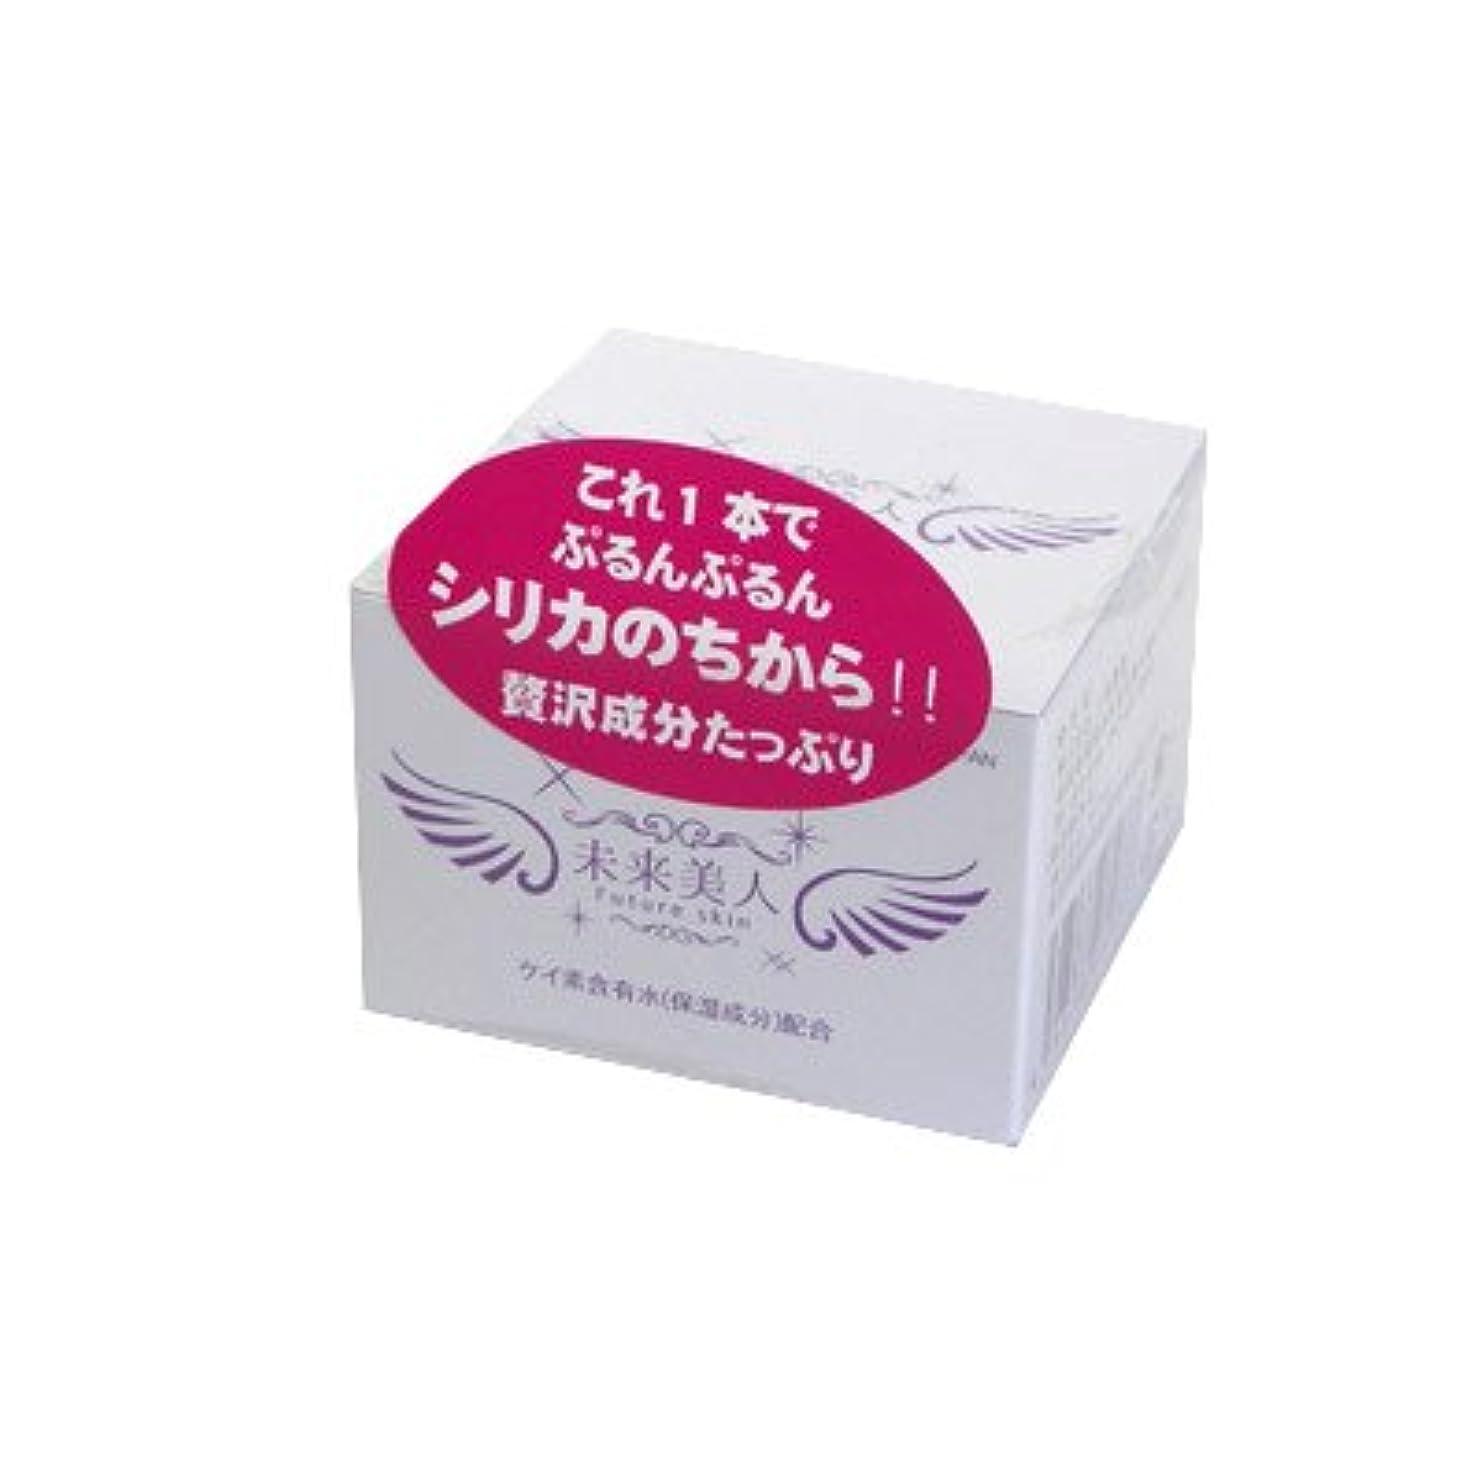 マッシュホームレス封筒未来美人 化粧用ジェル 100g